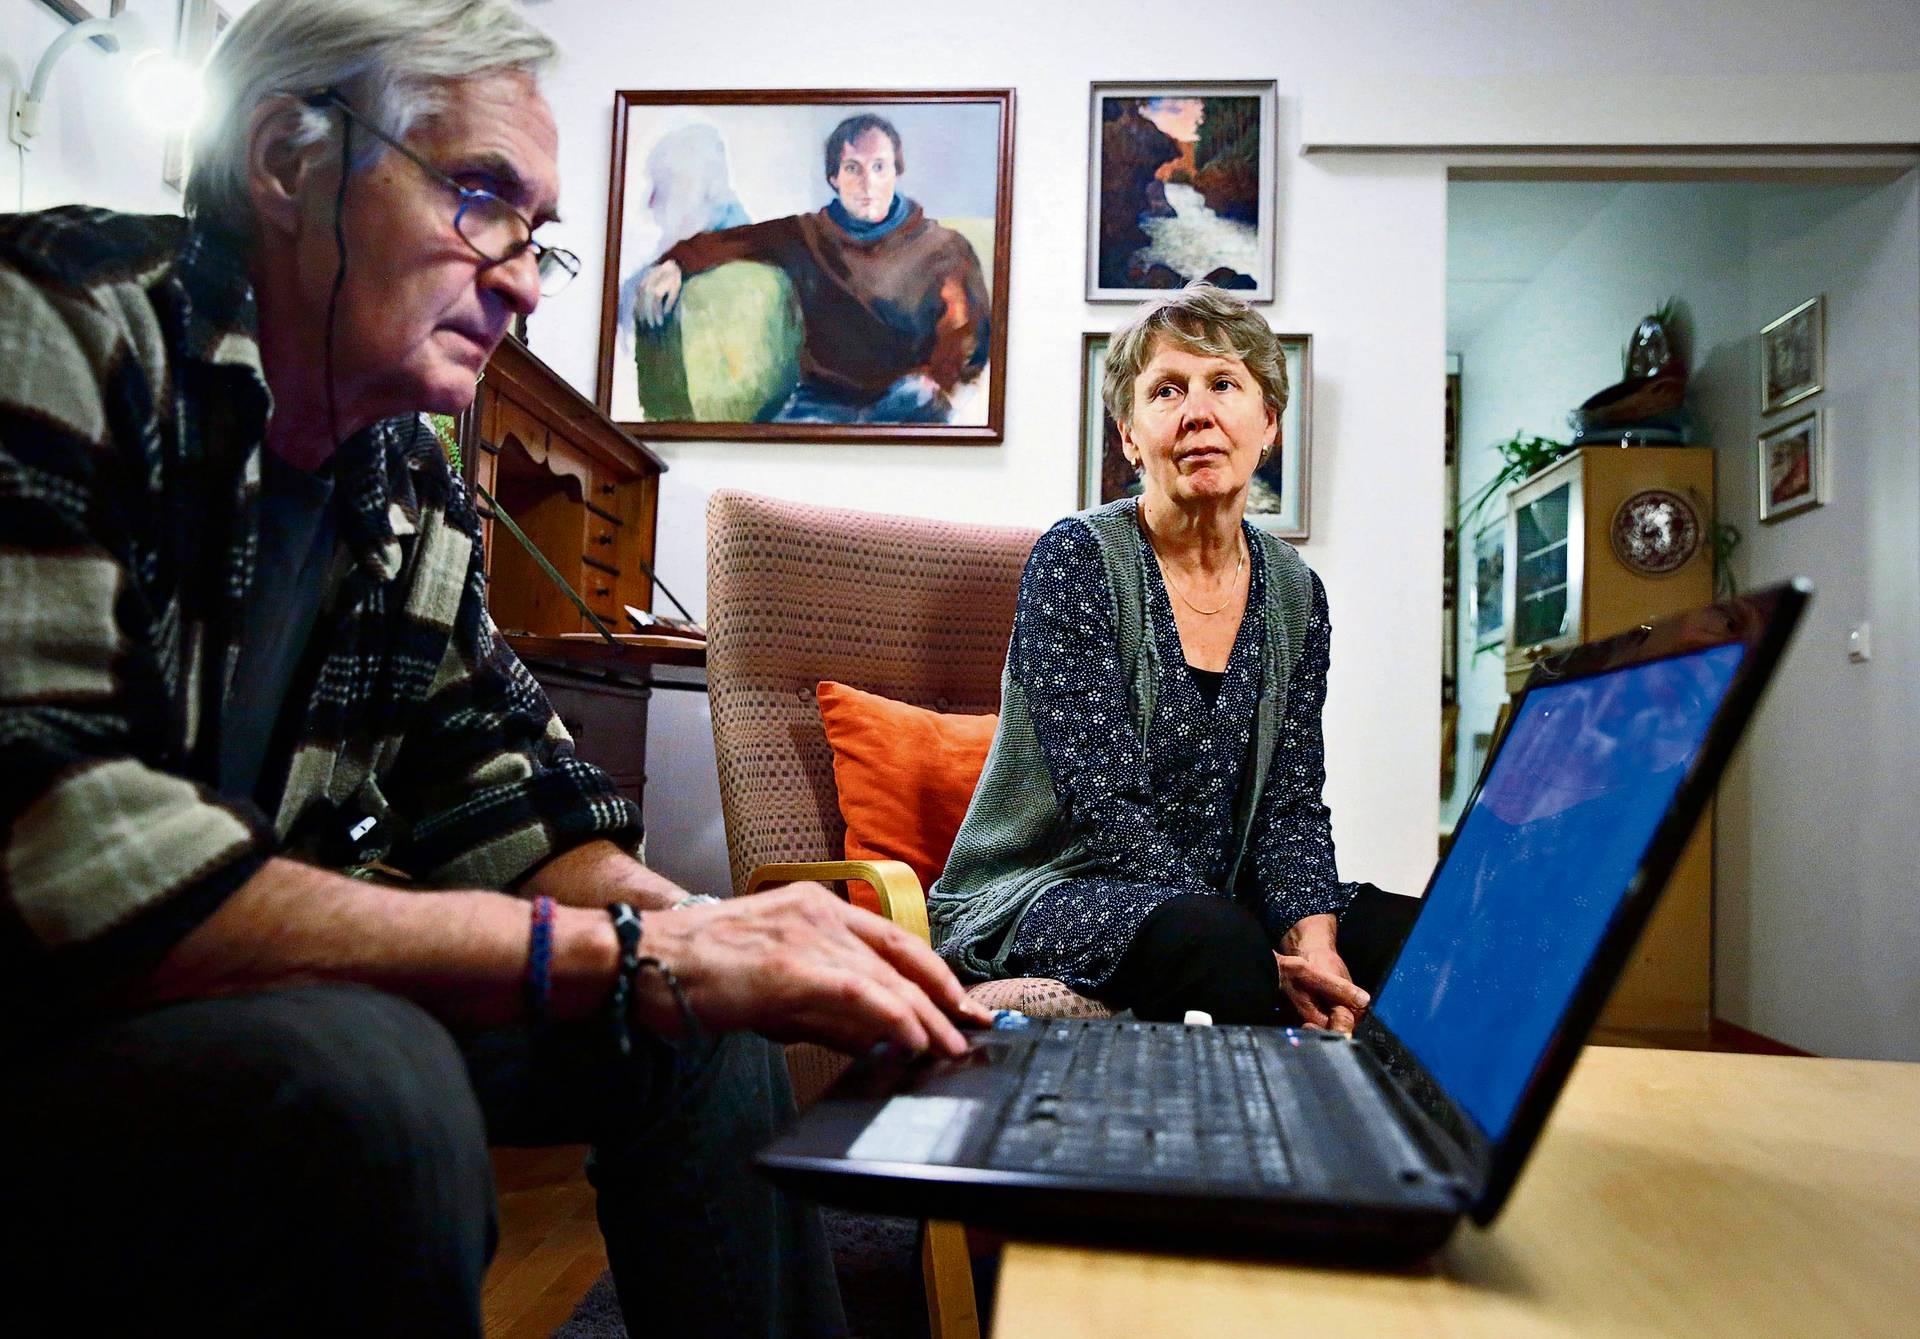 Jyri Jaakkolan vanhemmat Raimo ja Eve Jaakkola ovat yli neljä ja puoli vuotta tehneet töitä saadakseen poikansa tappajat oikeuteen.